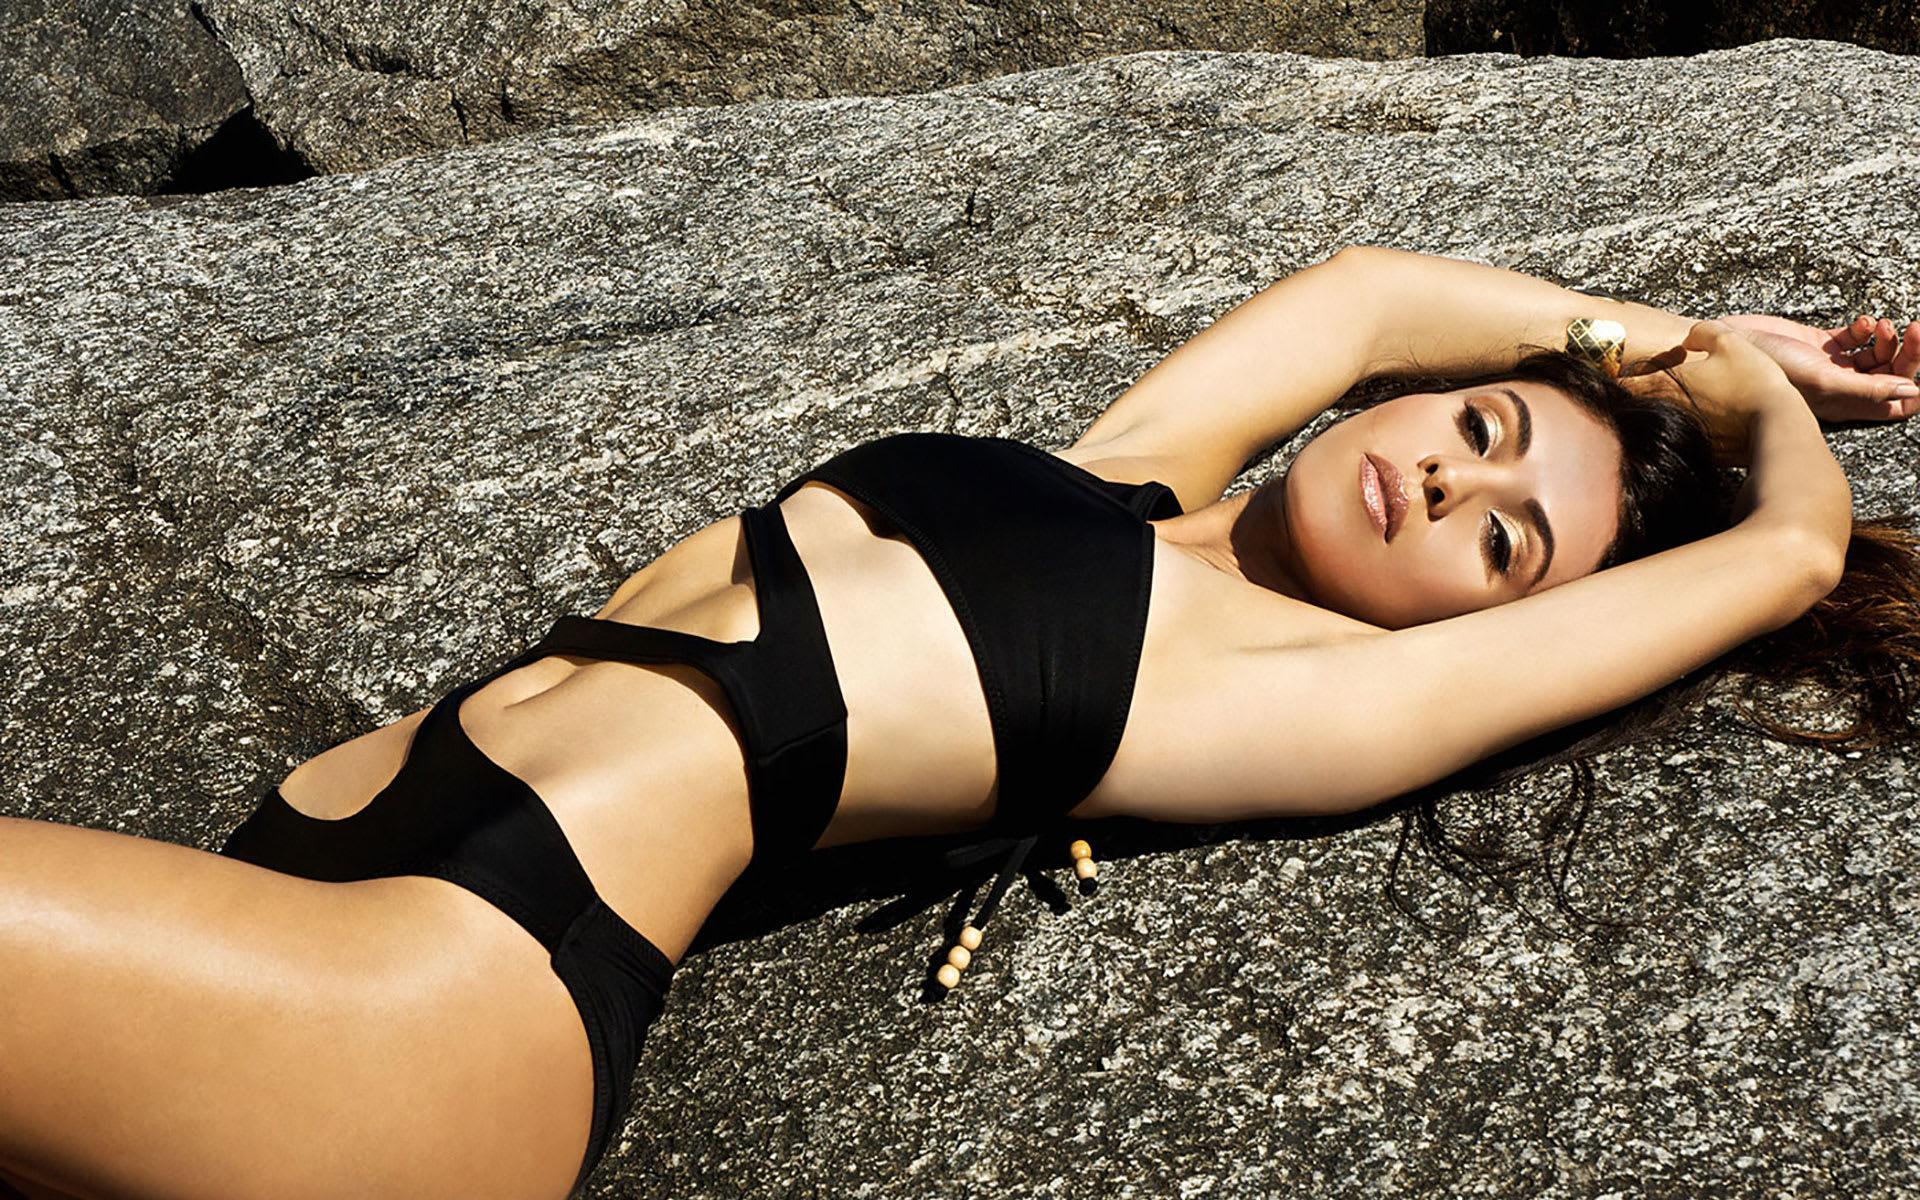 Glamour models ass photos nude pics